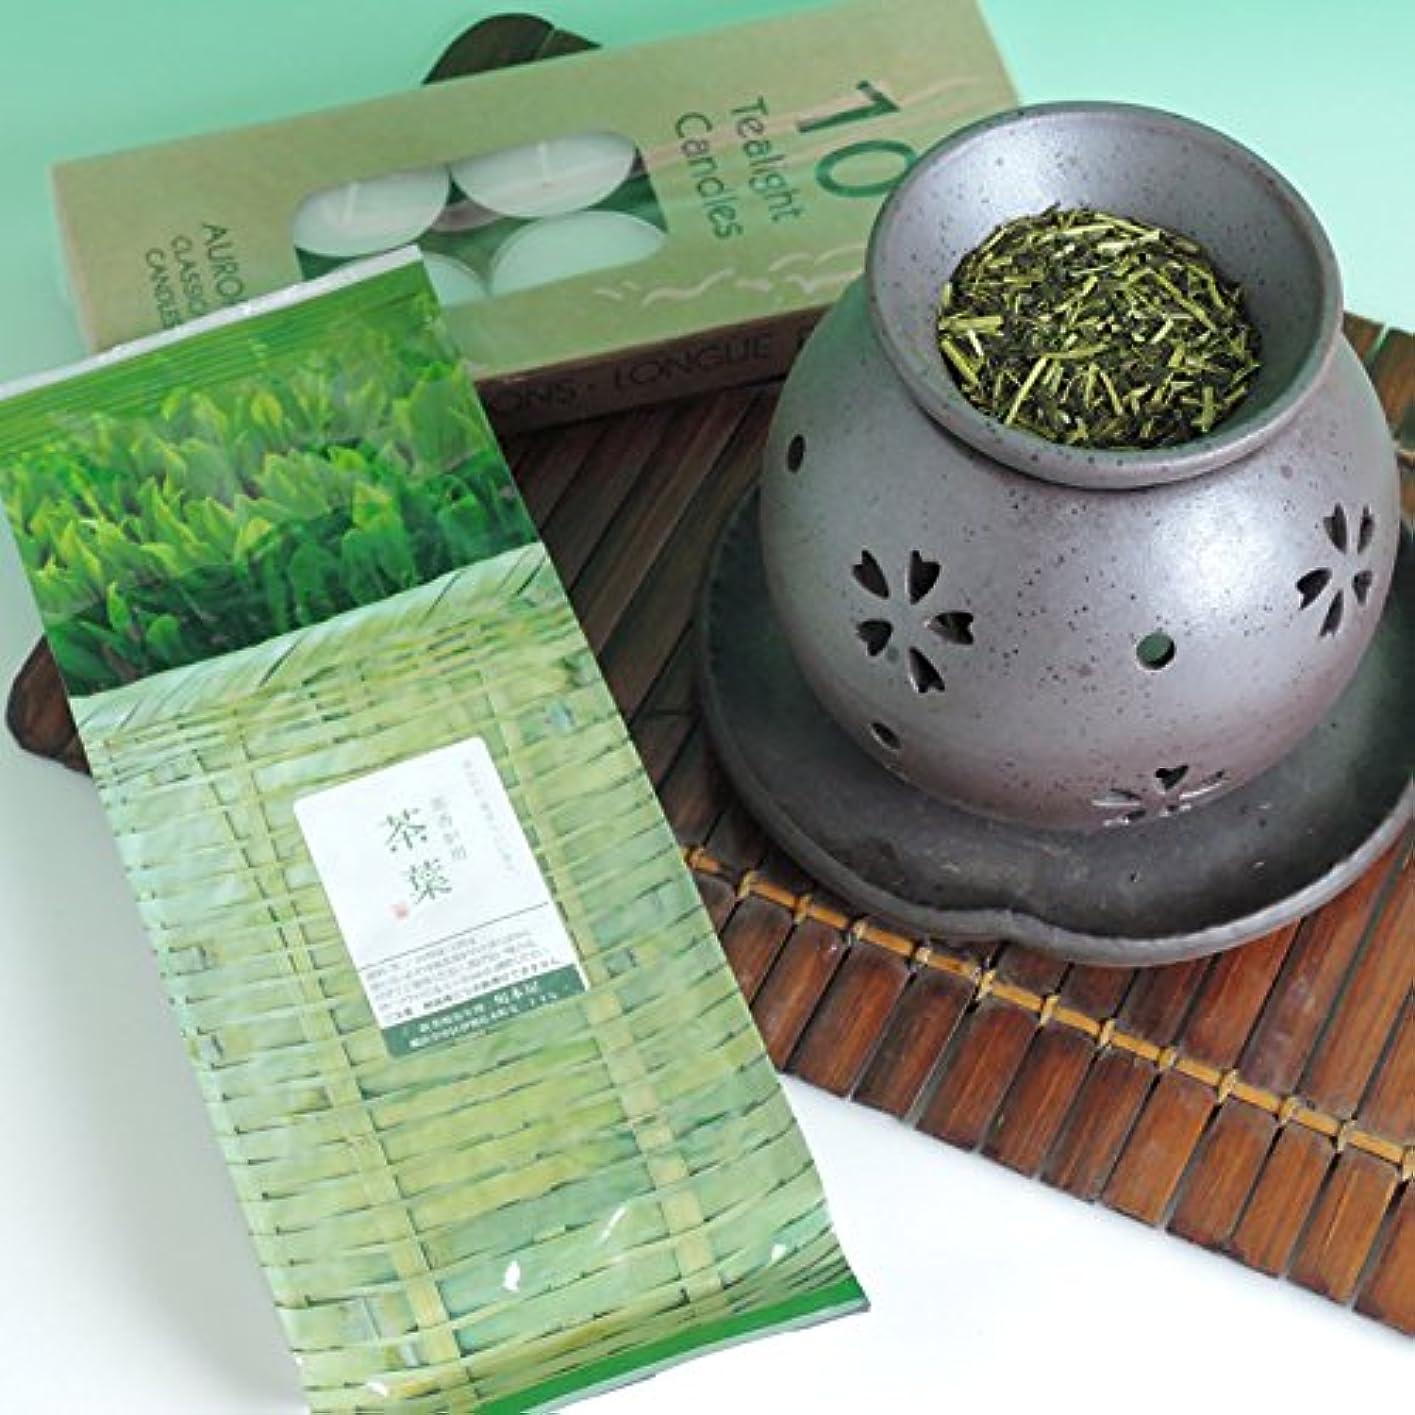 アフリカ人確実店員茶香炉 盛正作 ローソク 茶香炉専用 茶葉 セット 川本屋茶舗